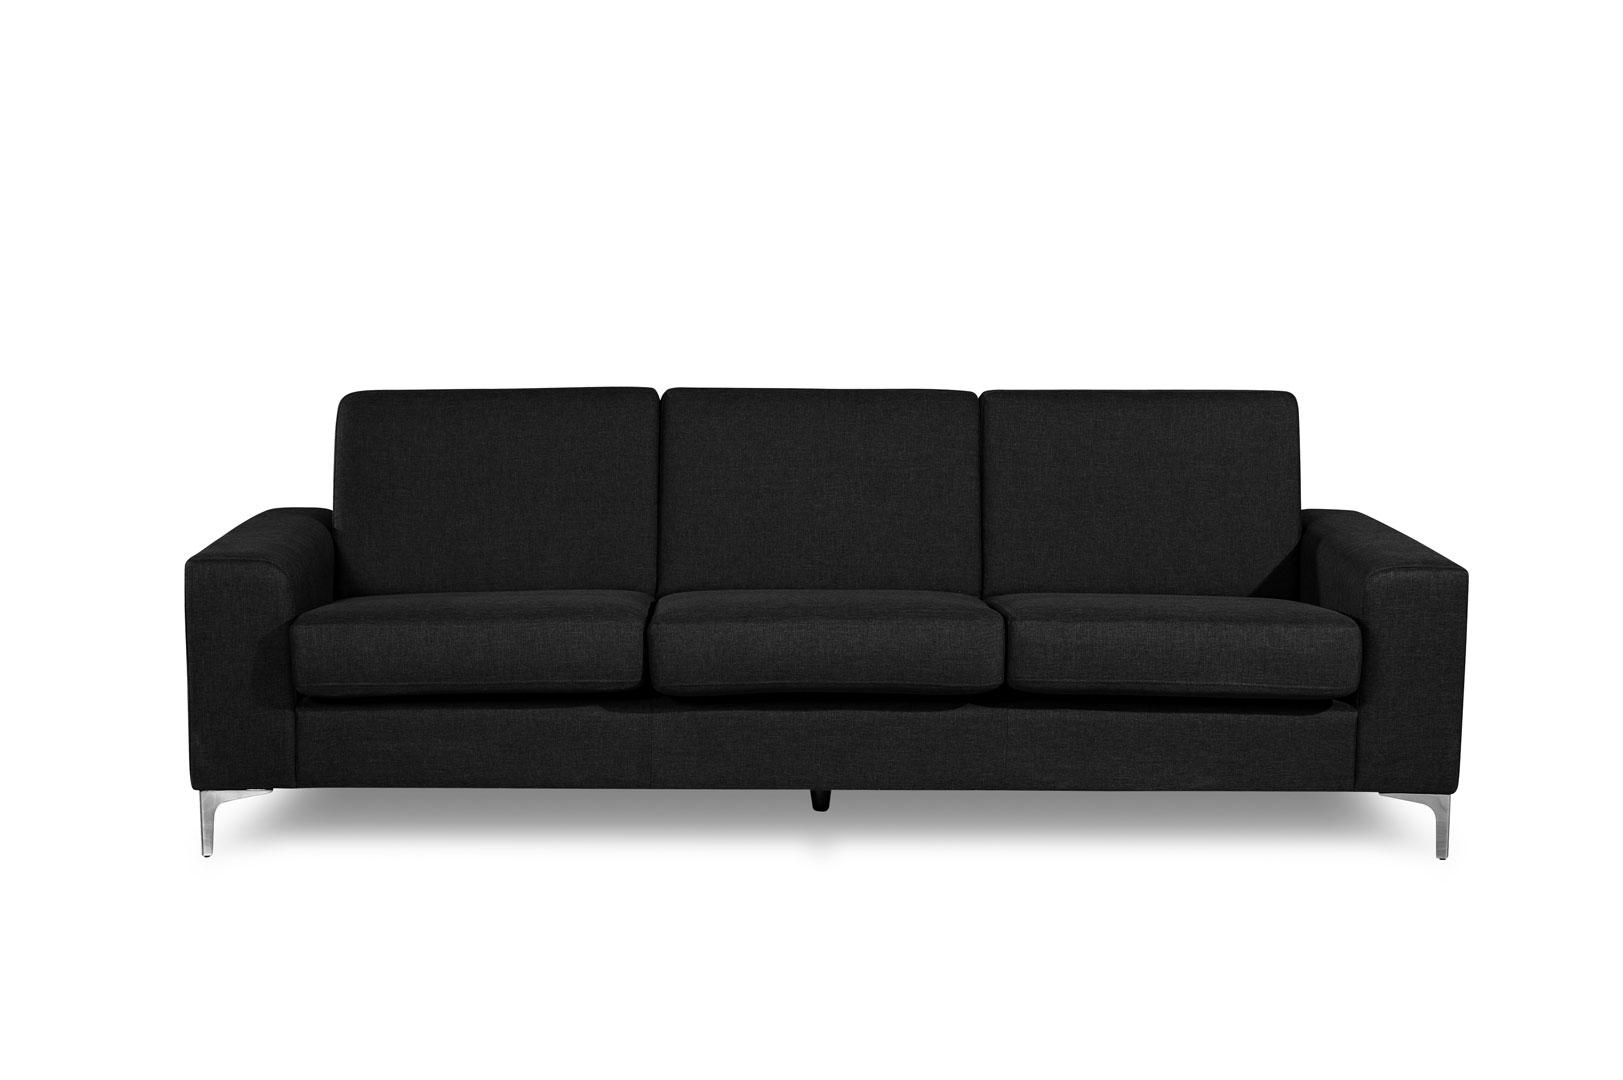 Canapé fixe 3 places contemporain en tissu noir Narcisse